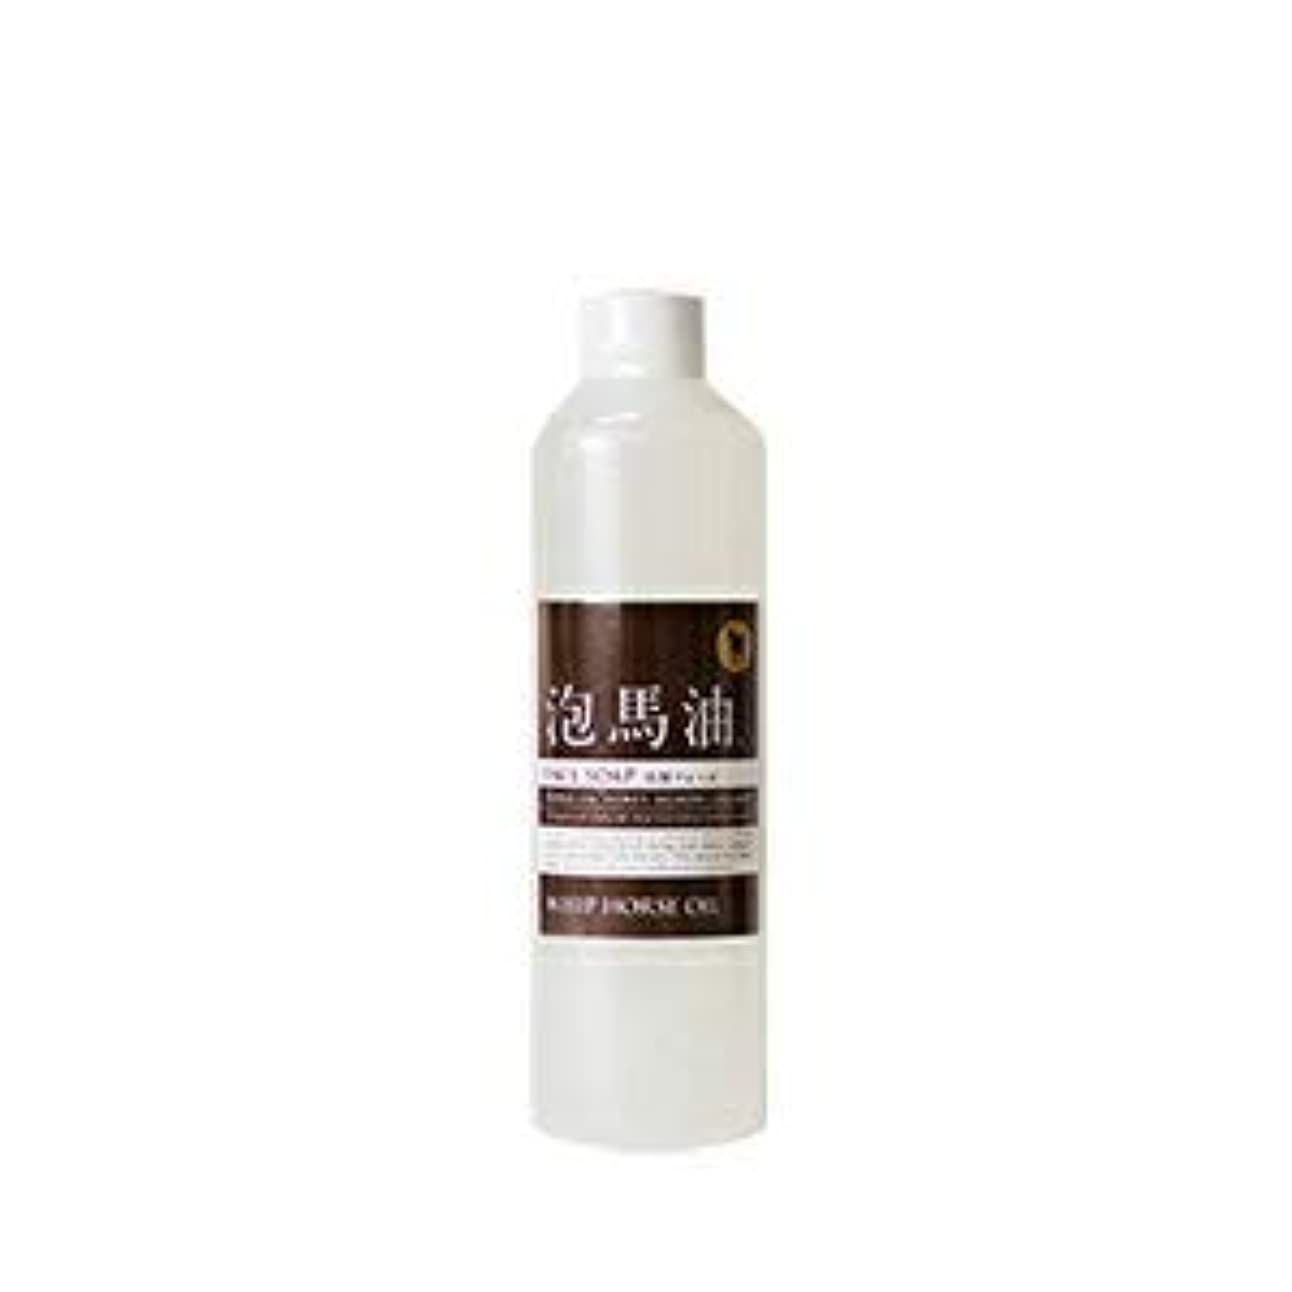 モッキンバードビット純粋な洗顔フォーム 馬油配合 泡馬油 詰め替え用300ml